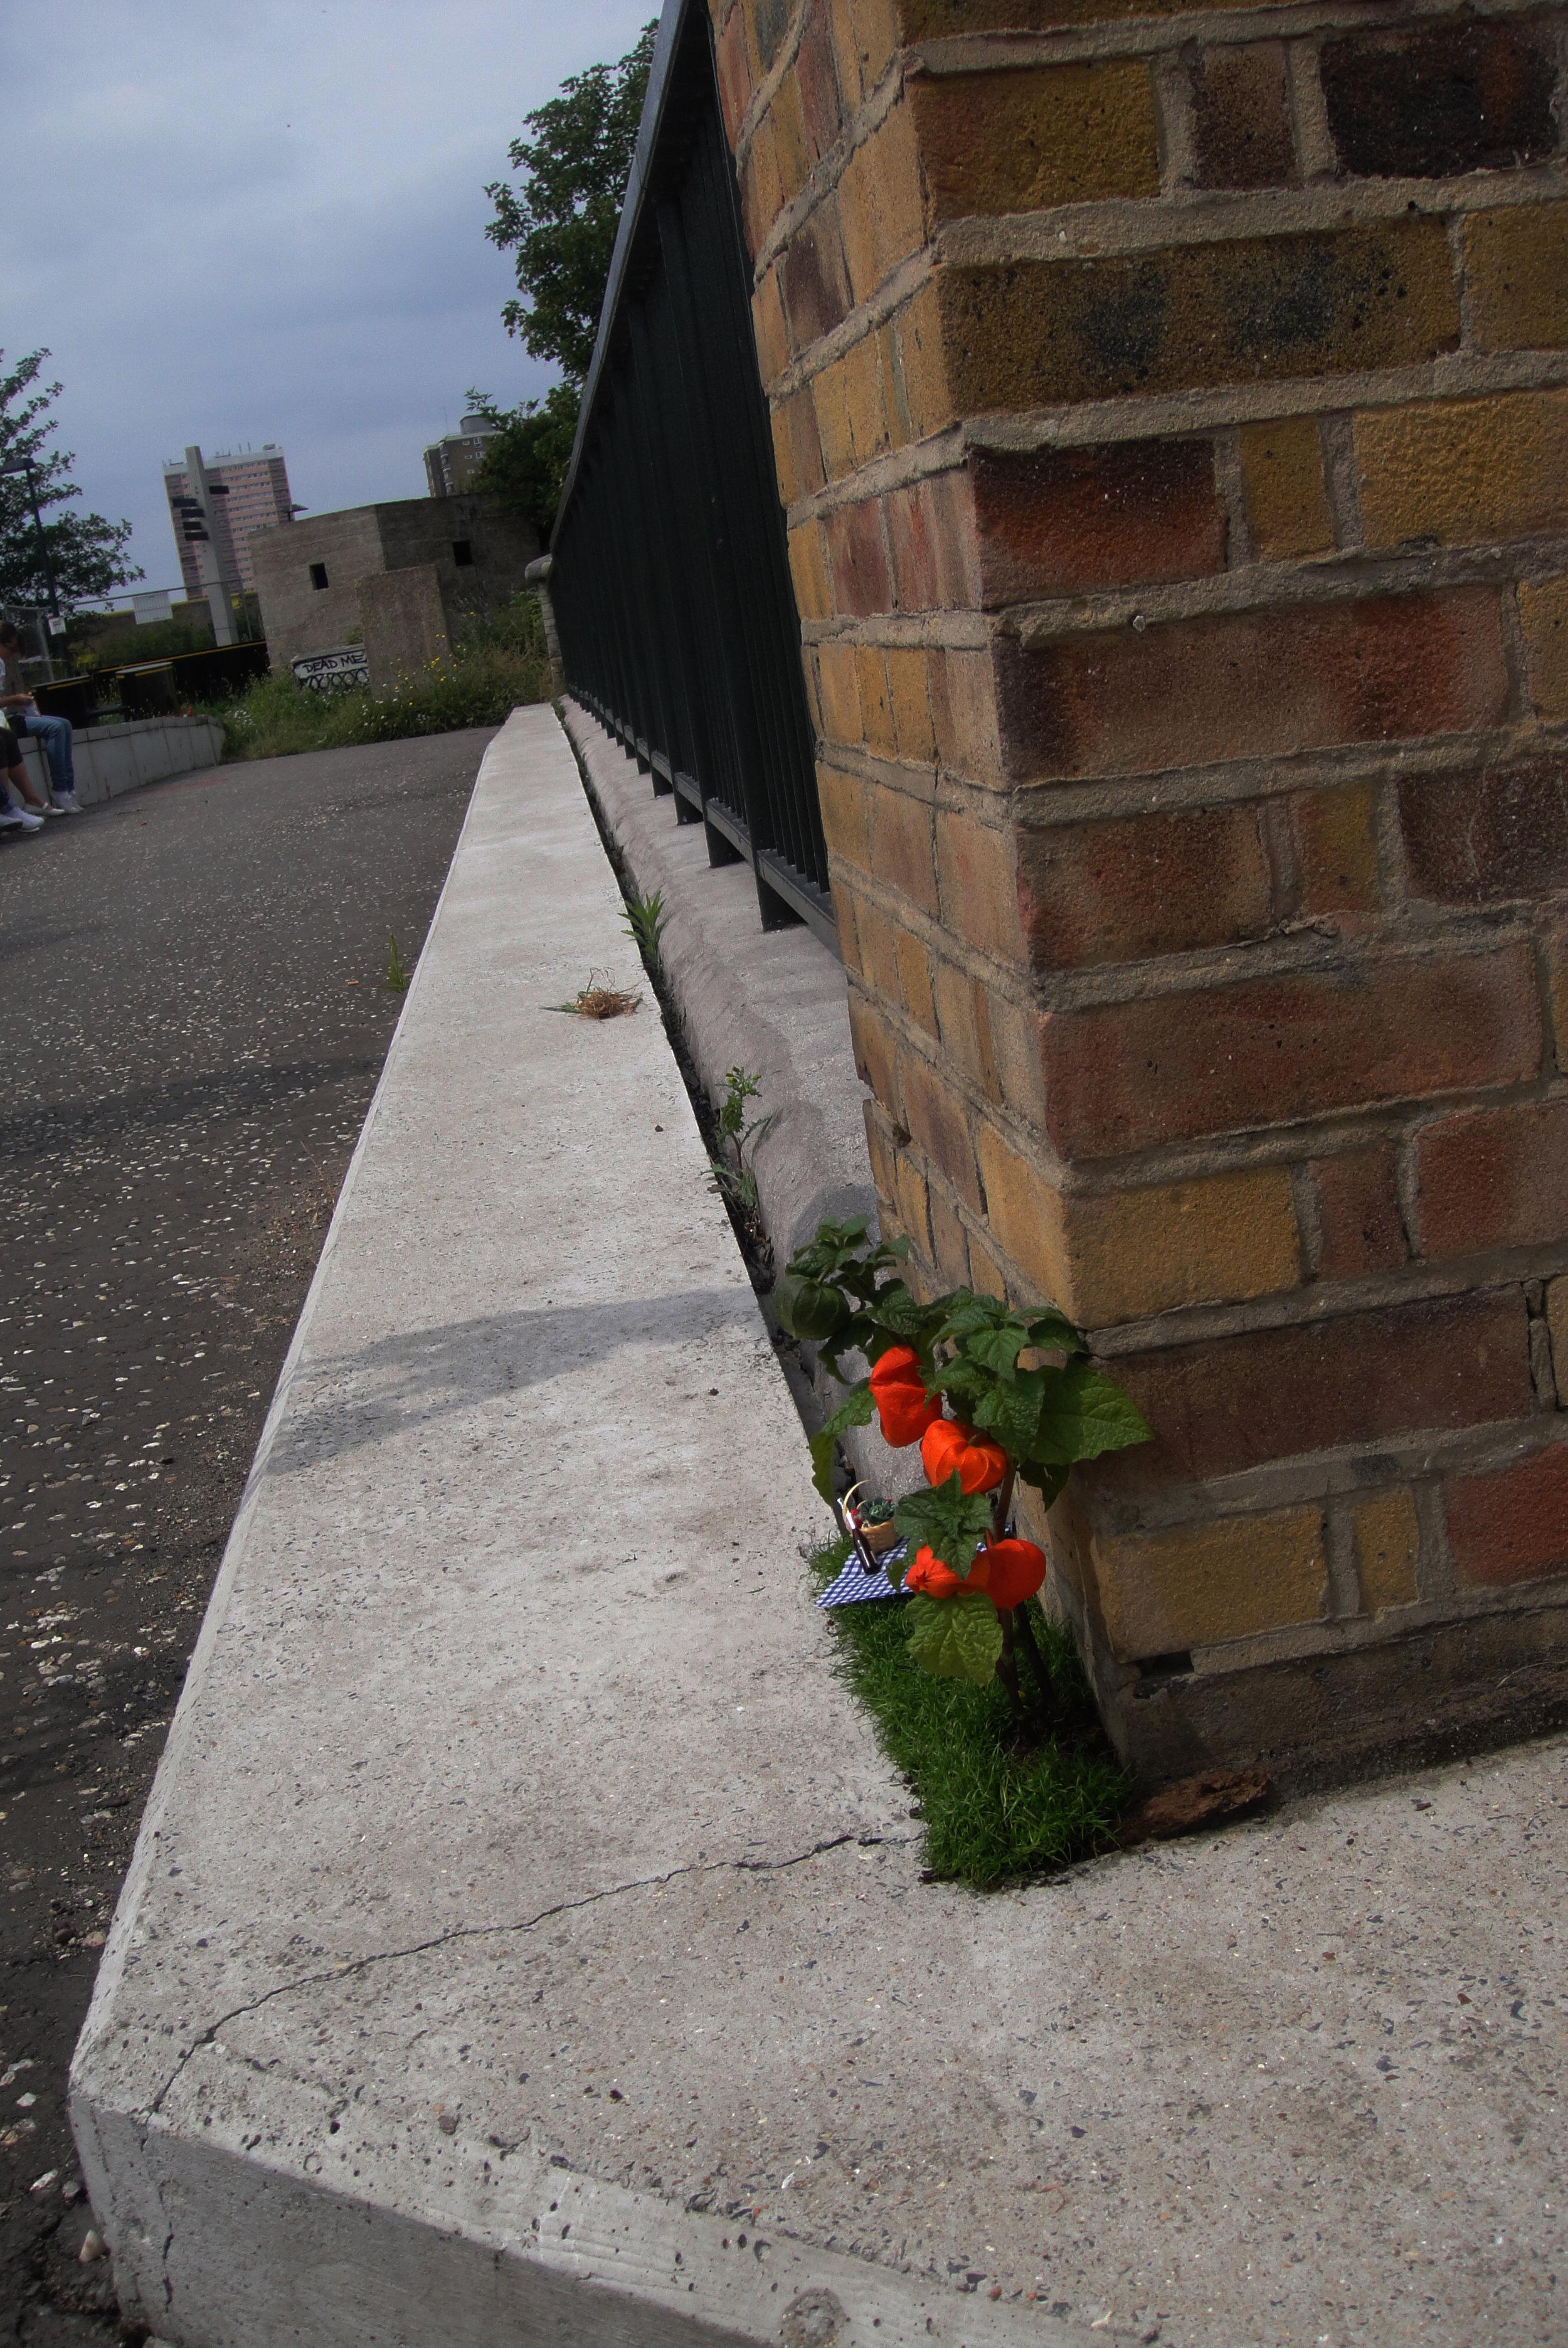 Pothole gardener Story Worldwide Westfield Stratford Opening Steve wheen